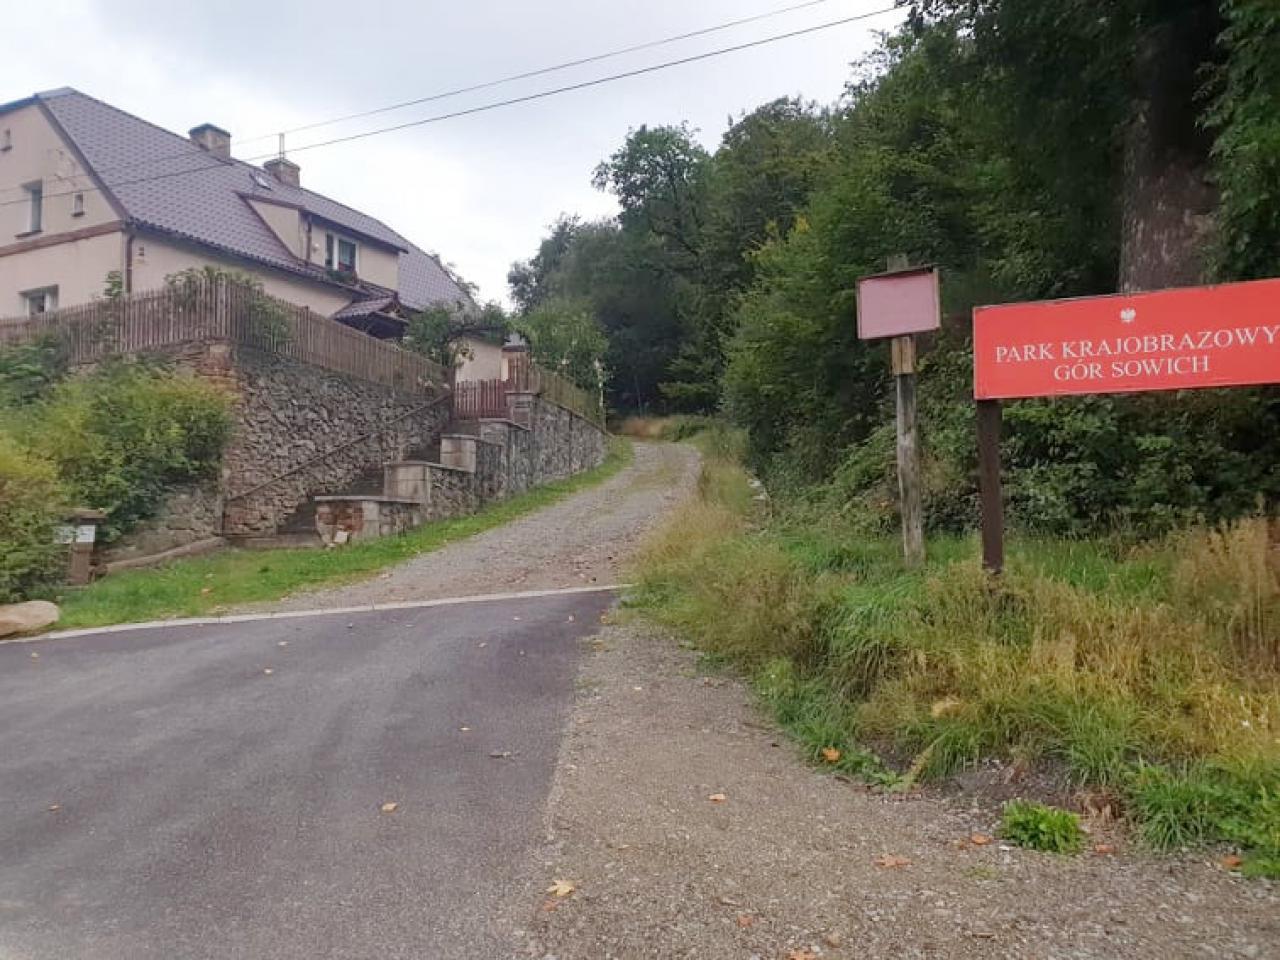 Rozwiązano problem spływającej na jezdnię wody i ściółki leśnej w Pieszycach